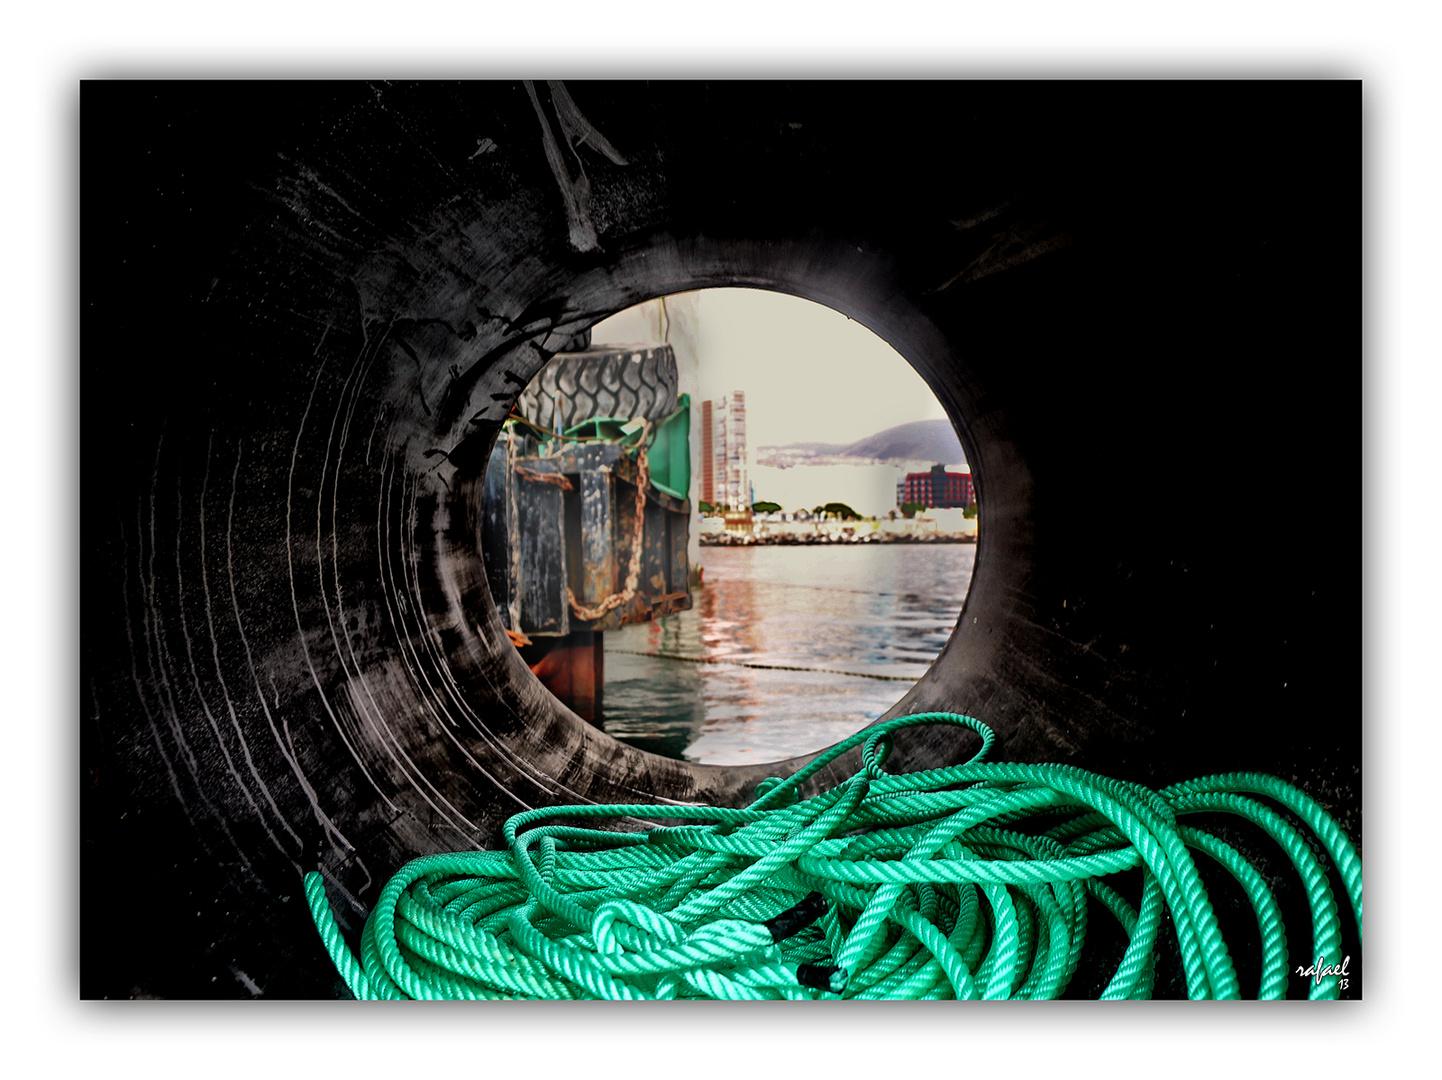 Dentro del túnel